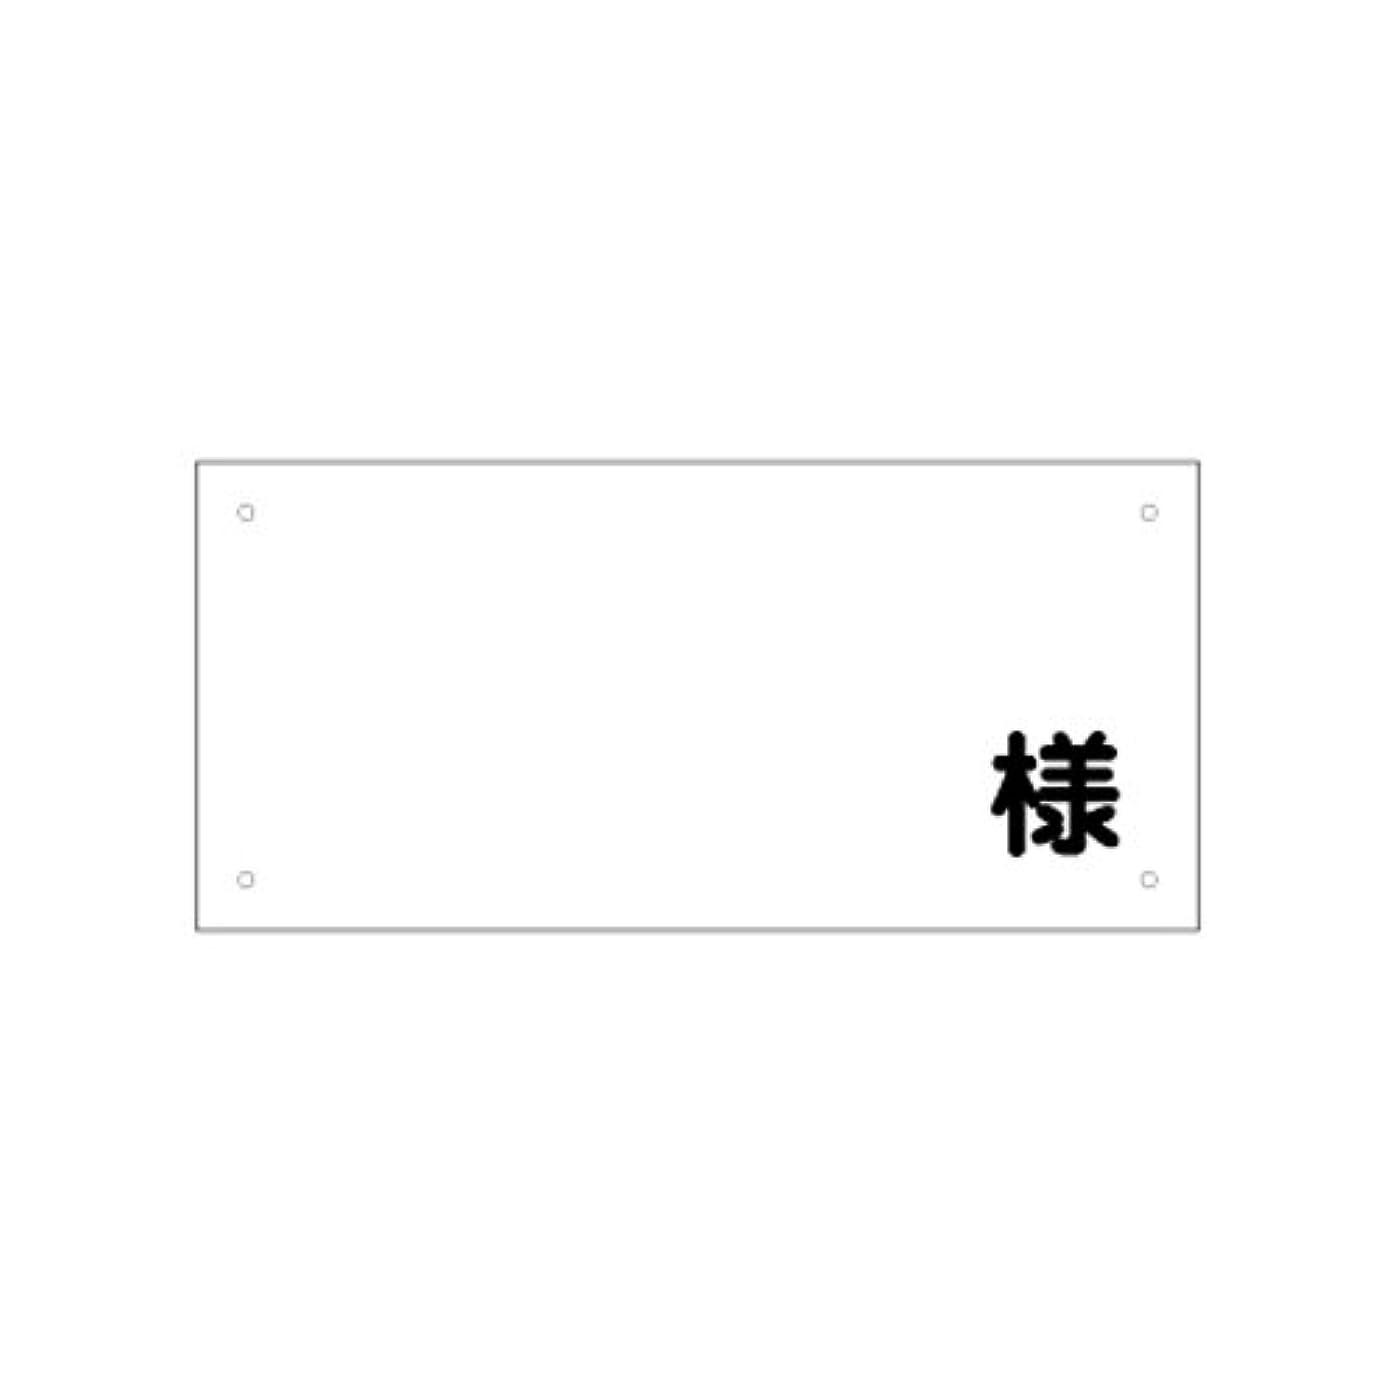 十億不透明な膜駐車場名札プレート(名前書き込みタイプ) (30cm×14cm) 1枚